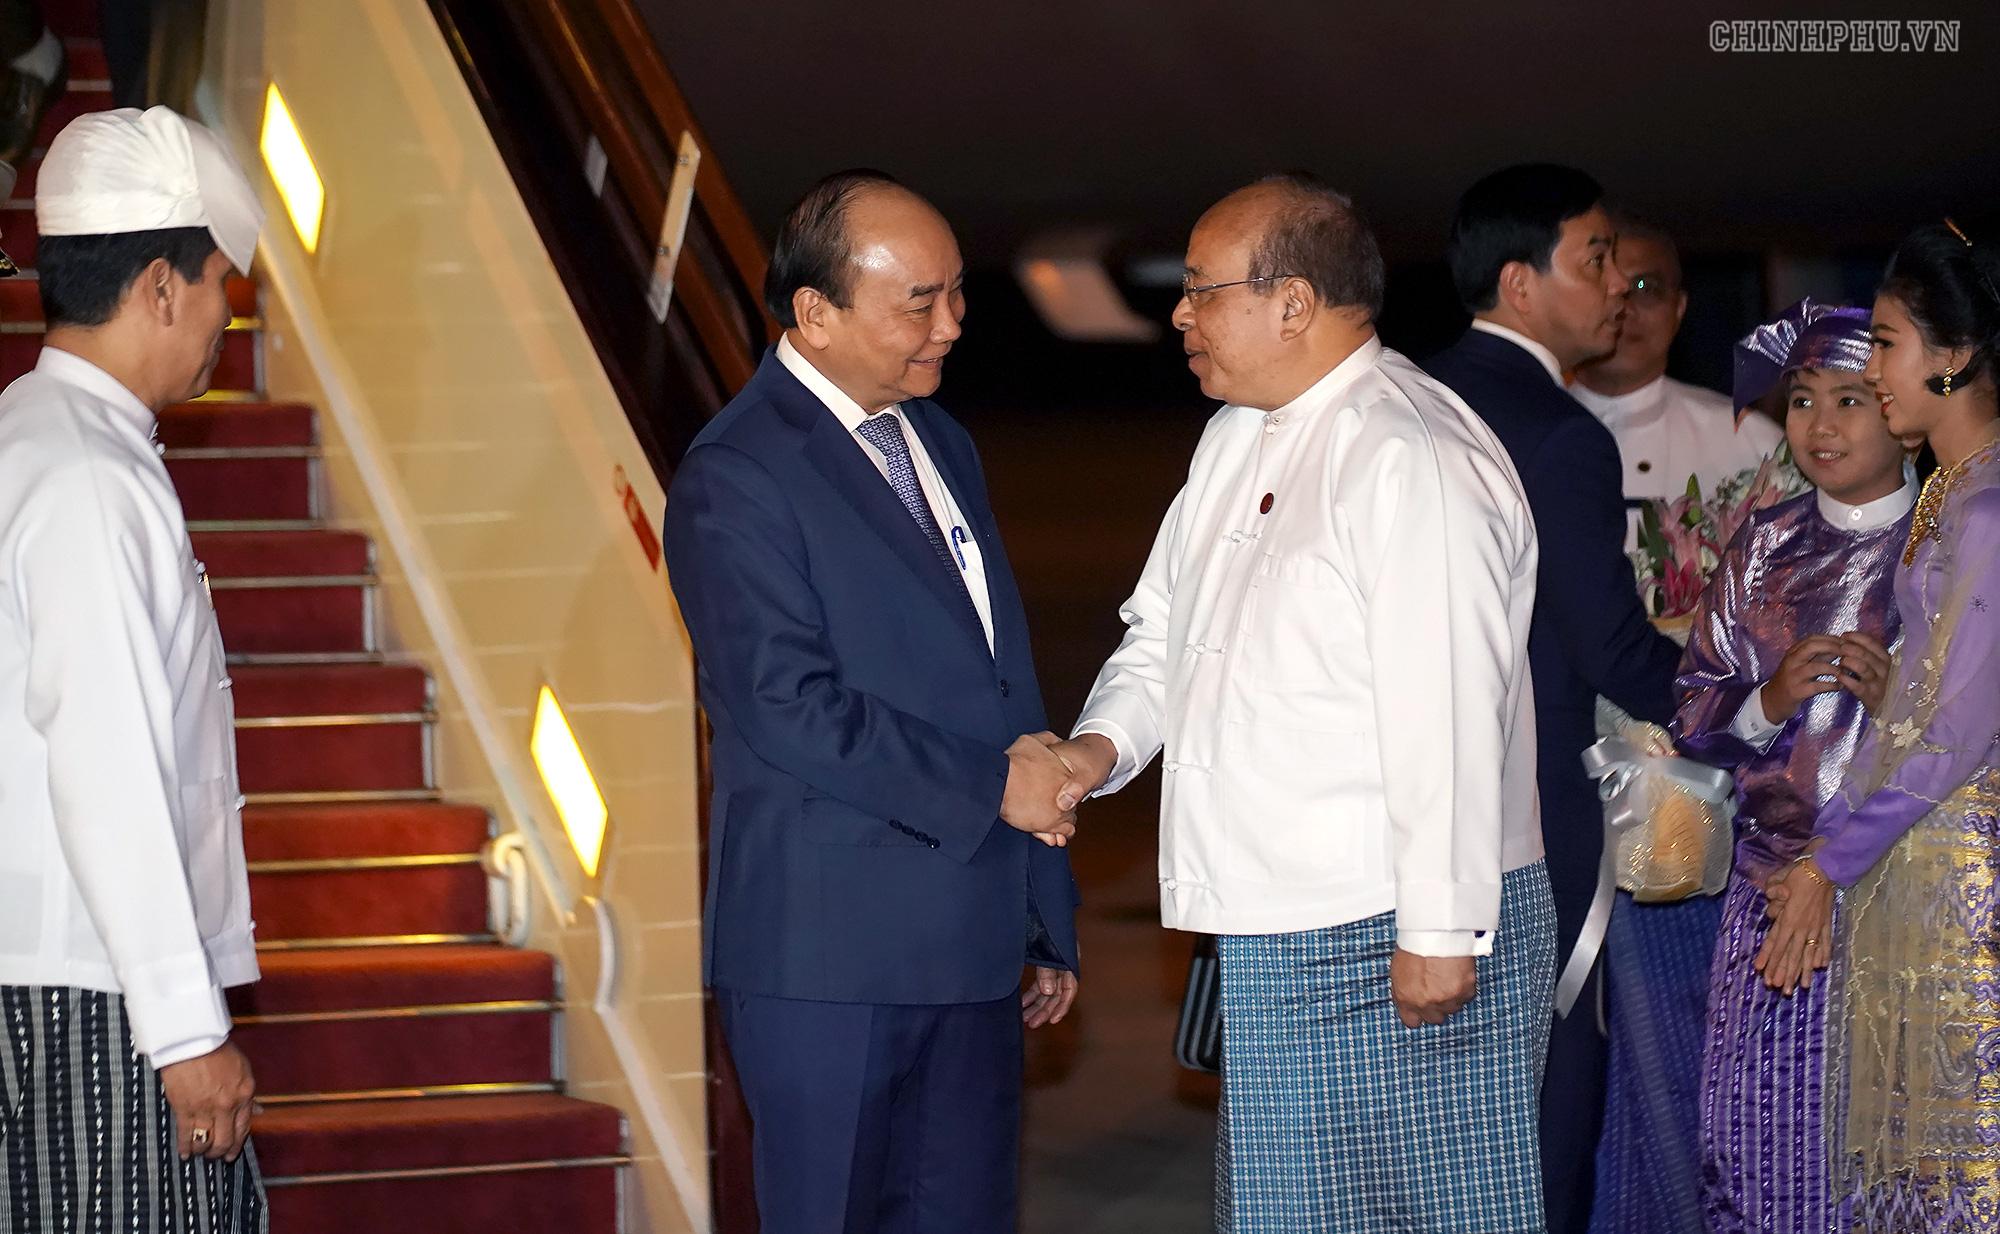 Thủ tướng đến Nay Pyi Taw, bắt đầu thăm chính thức Myanmar - Ảnh 2.